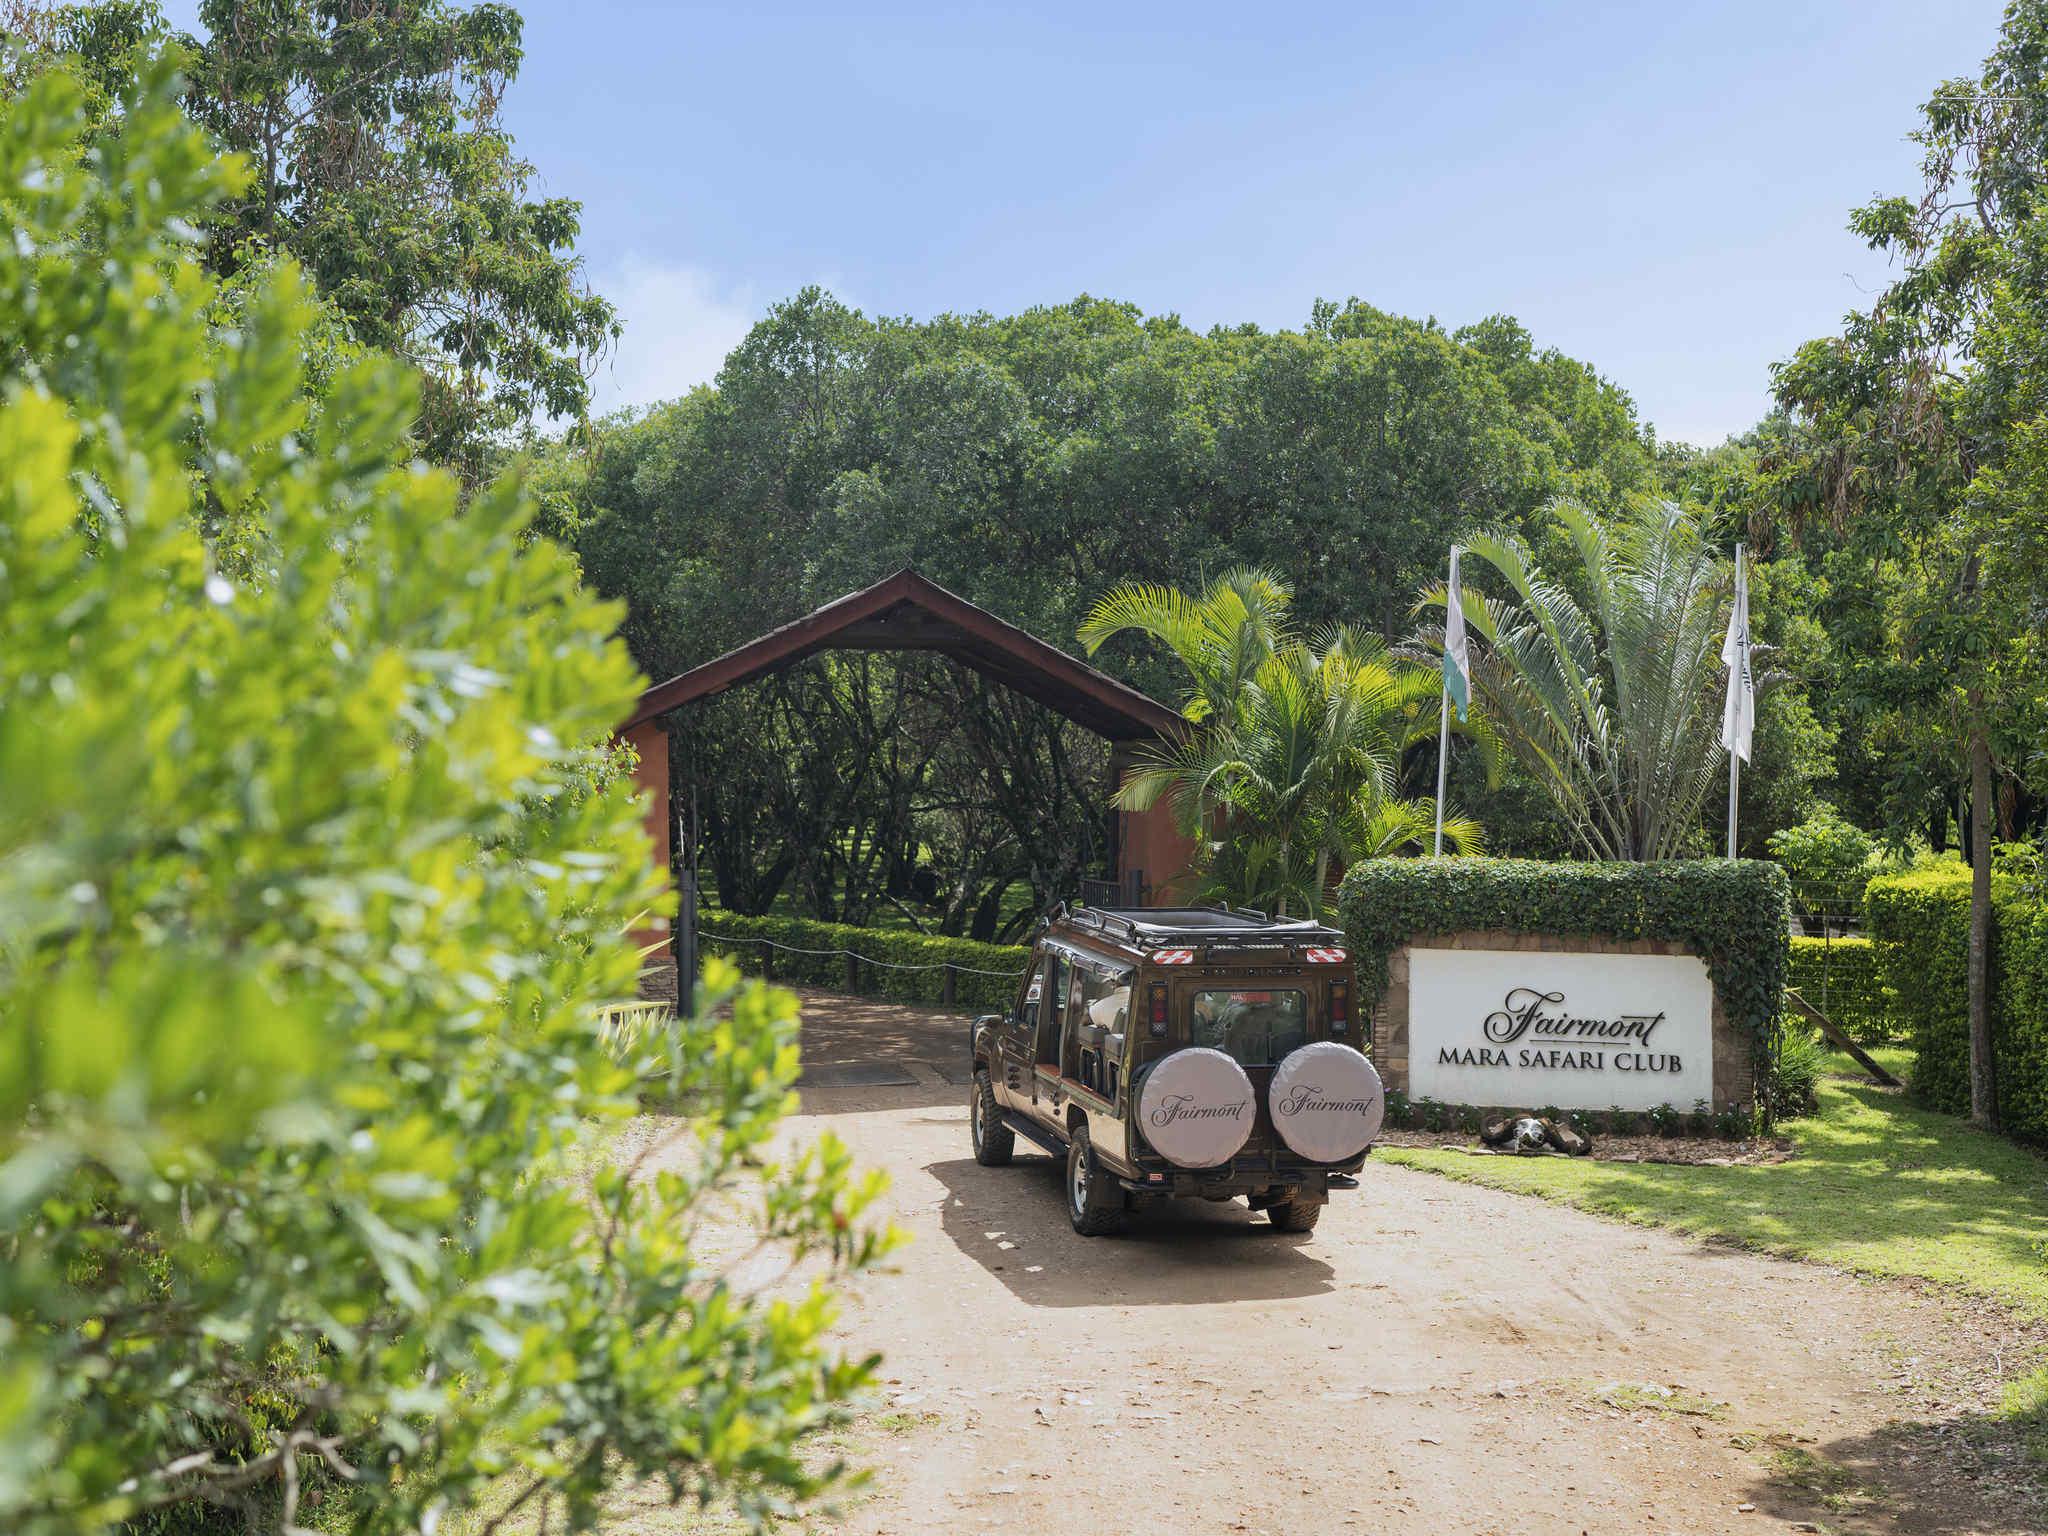 酒店 – 费尔蒙马拉野生动物俱乐部酒店